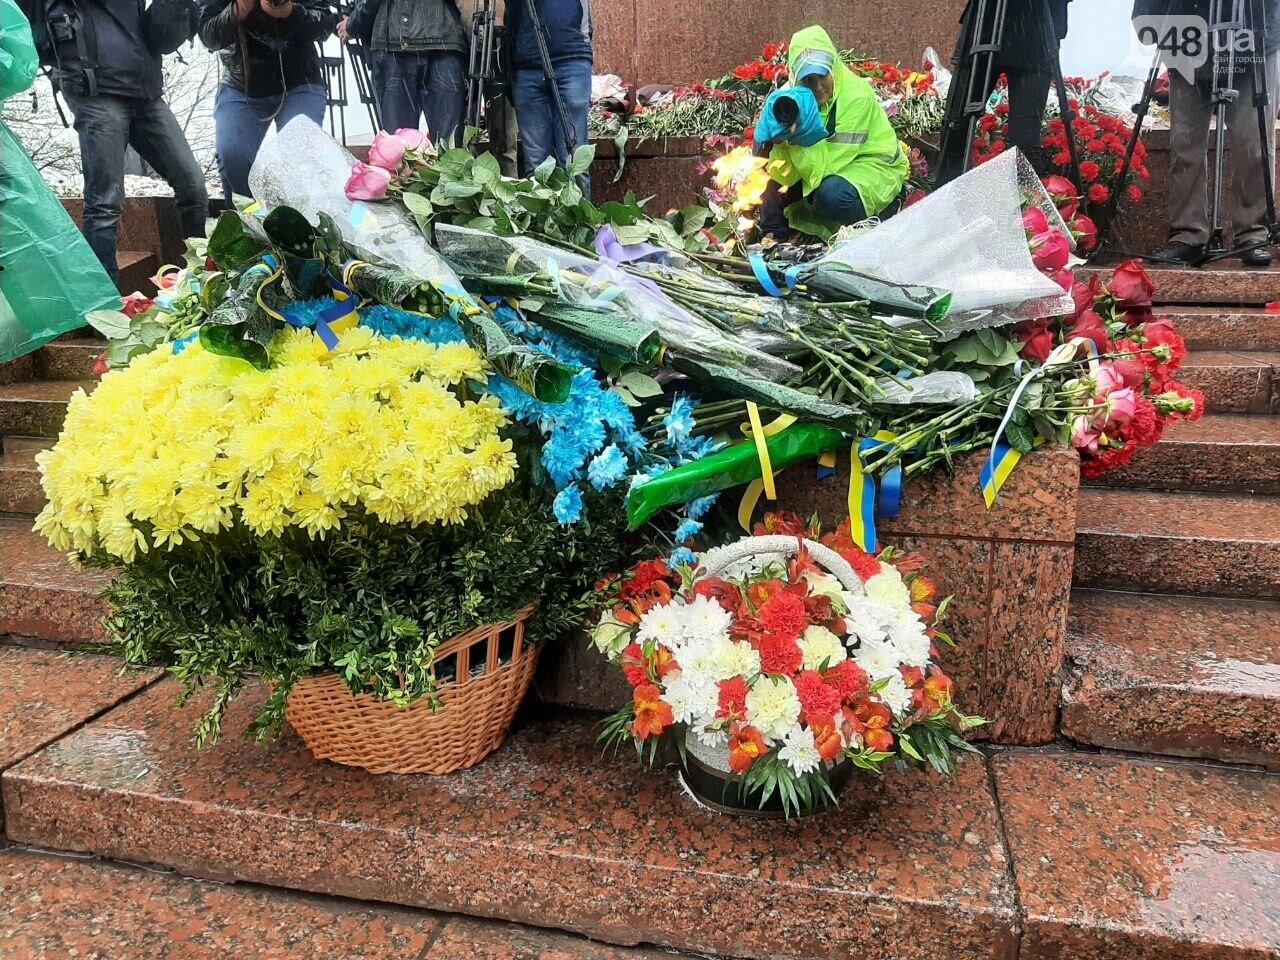 День памяти и примирения в Одессе: к вечному огню возложили цветы, - ФОТОРЕПОРТАЖ, фото-15